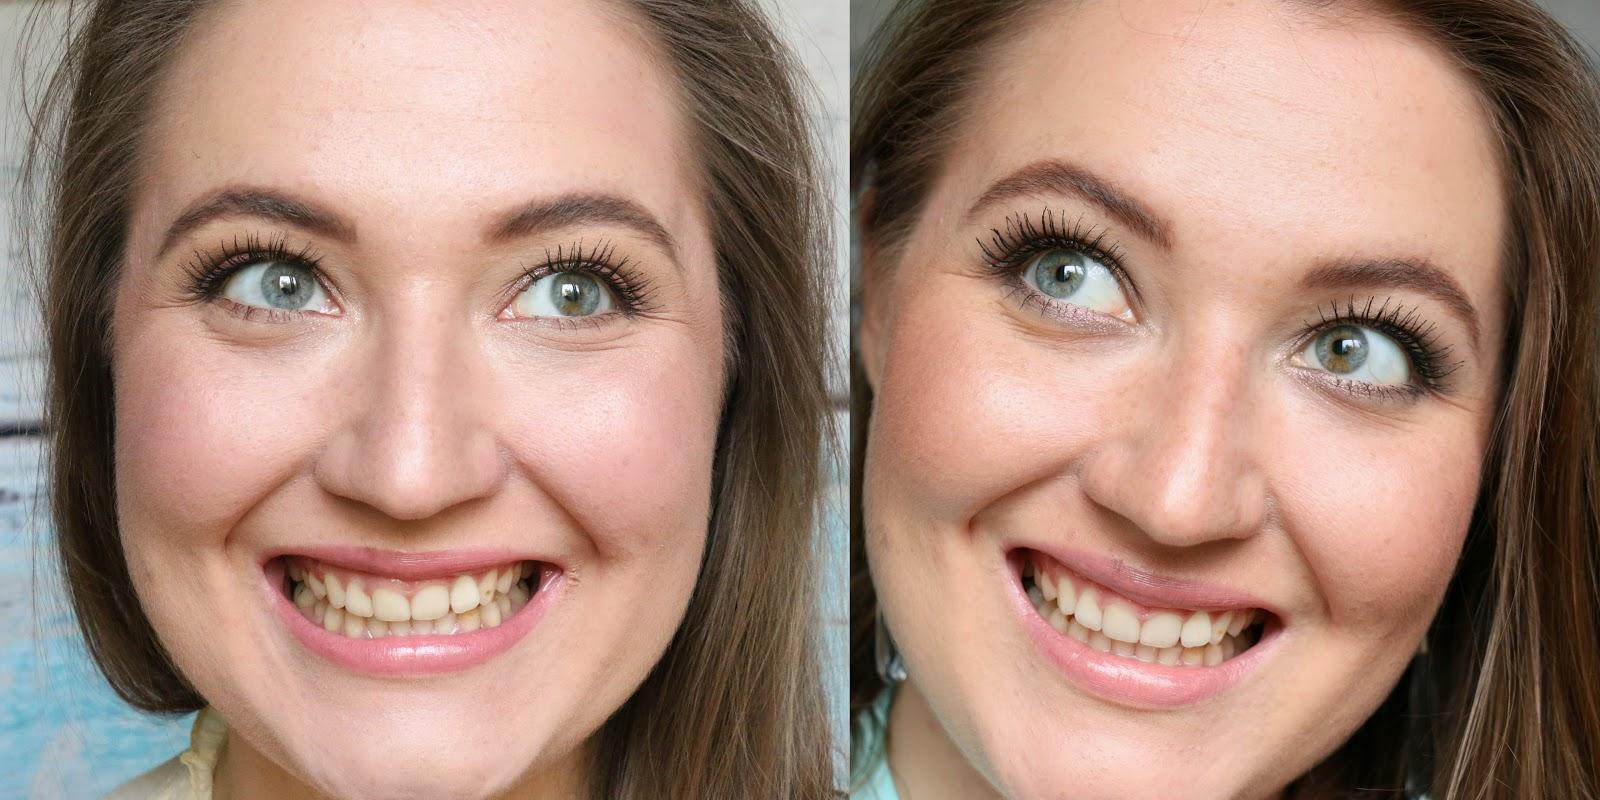 отбеливание зубов в клинике форум